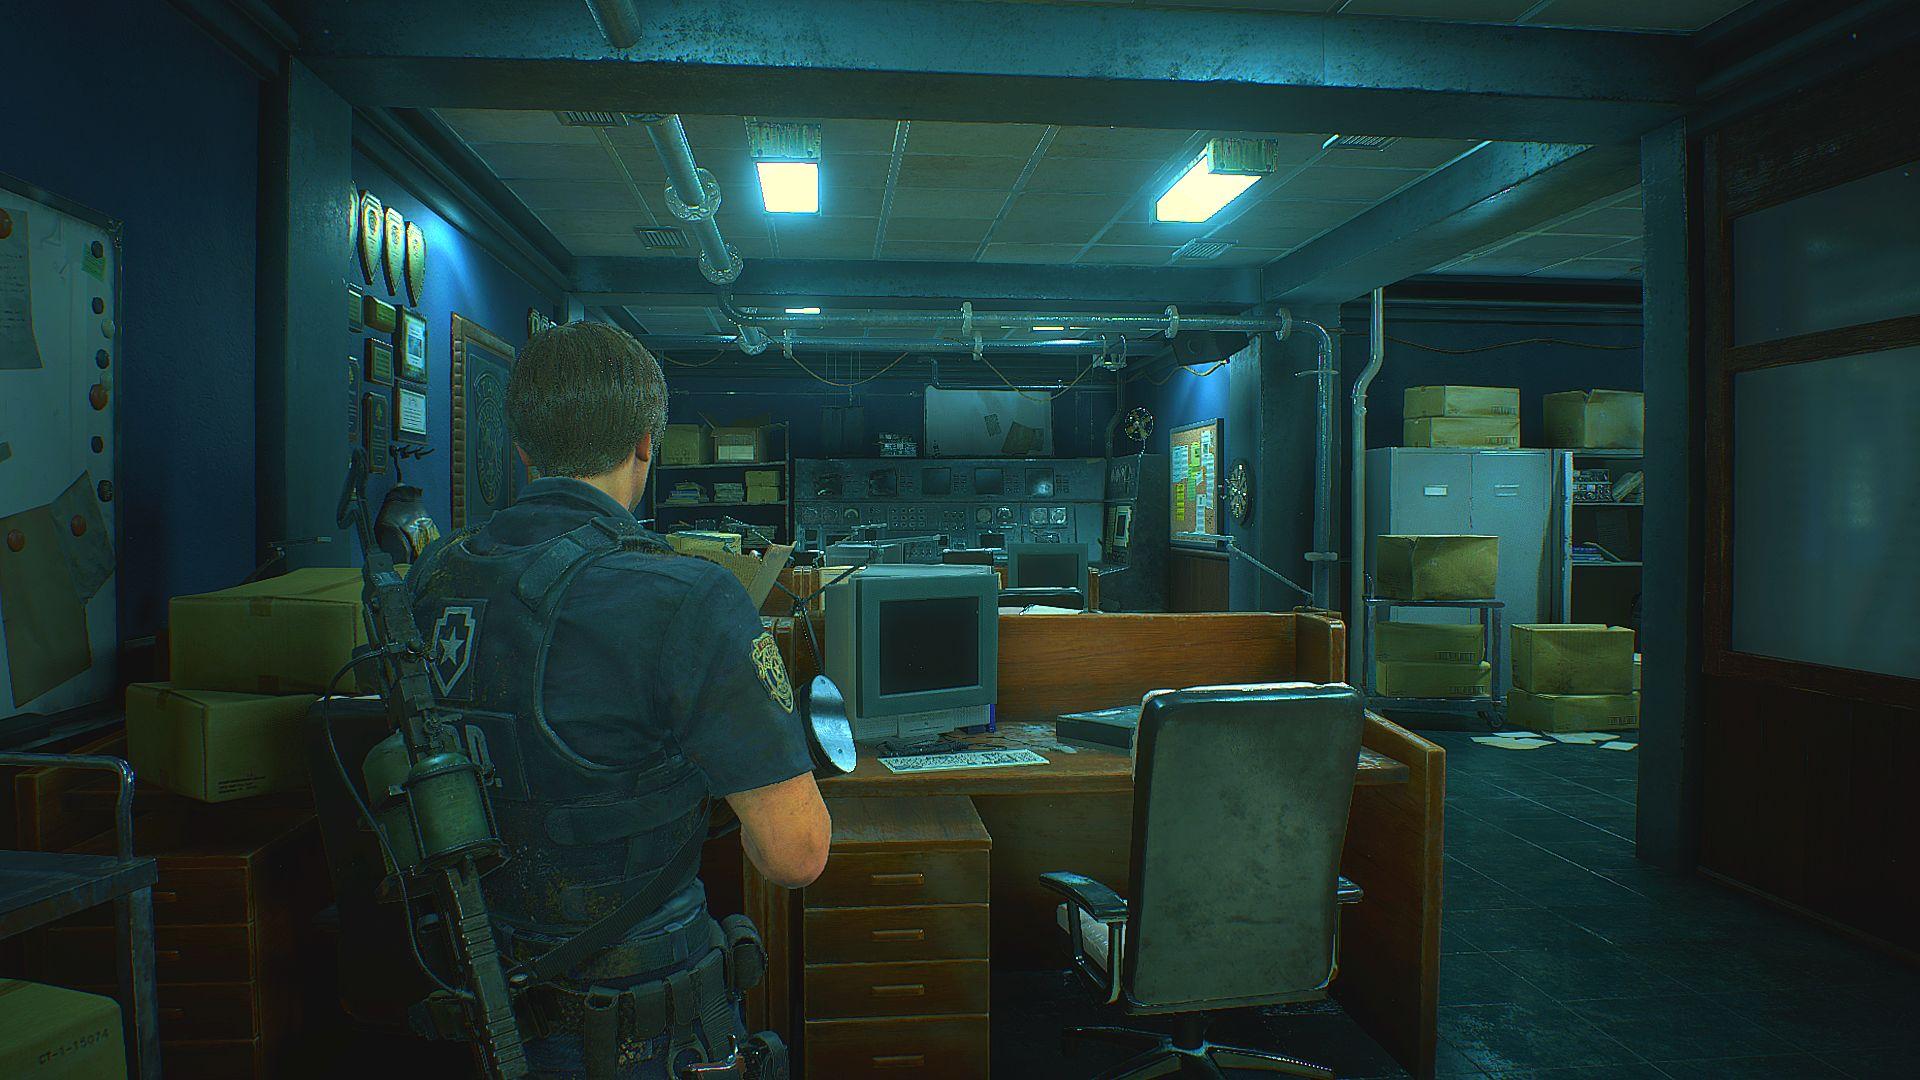 000188.Jpg - Resident Evil 2